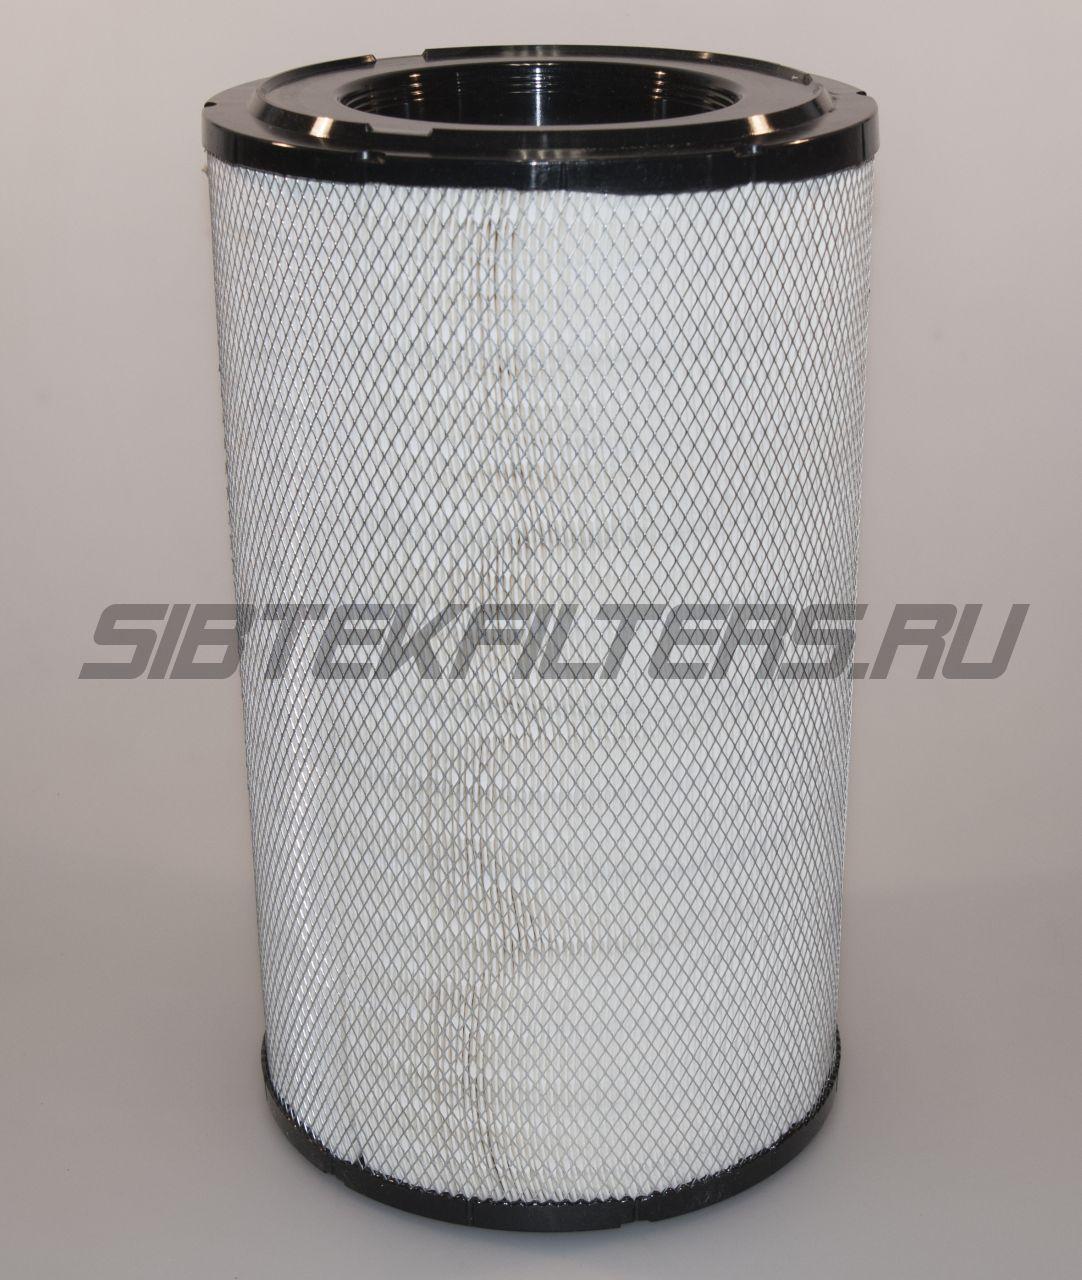 Фильтры для трактора МТЗ, MTZ 3522, 3022, 2022 в Минске.